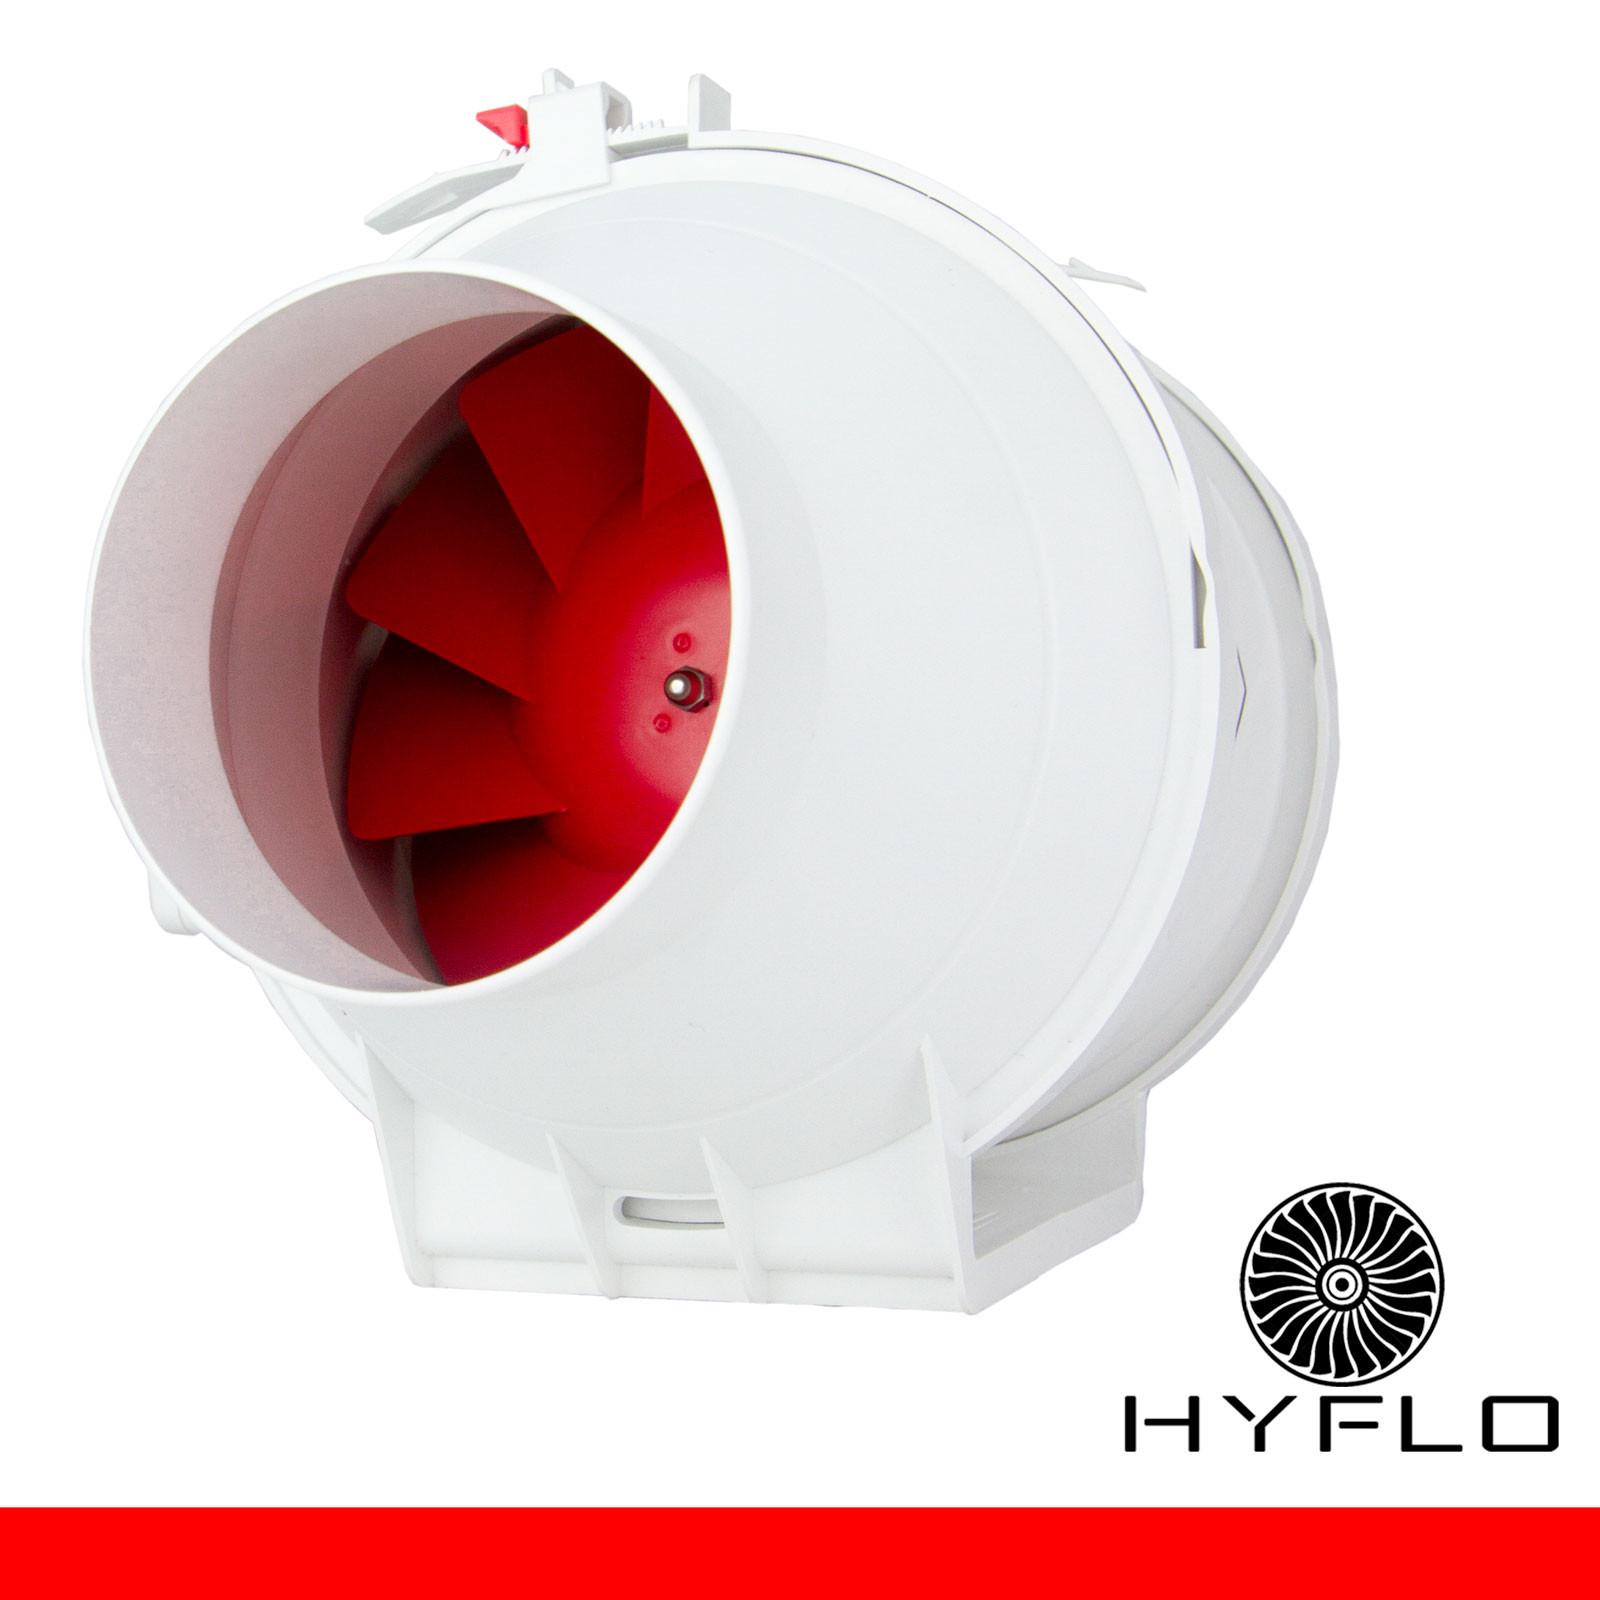 HYFLO Boost 4 Inch / 100mm Inline Mixed Flow Fan Aircon Booster Fan